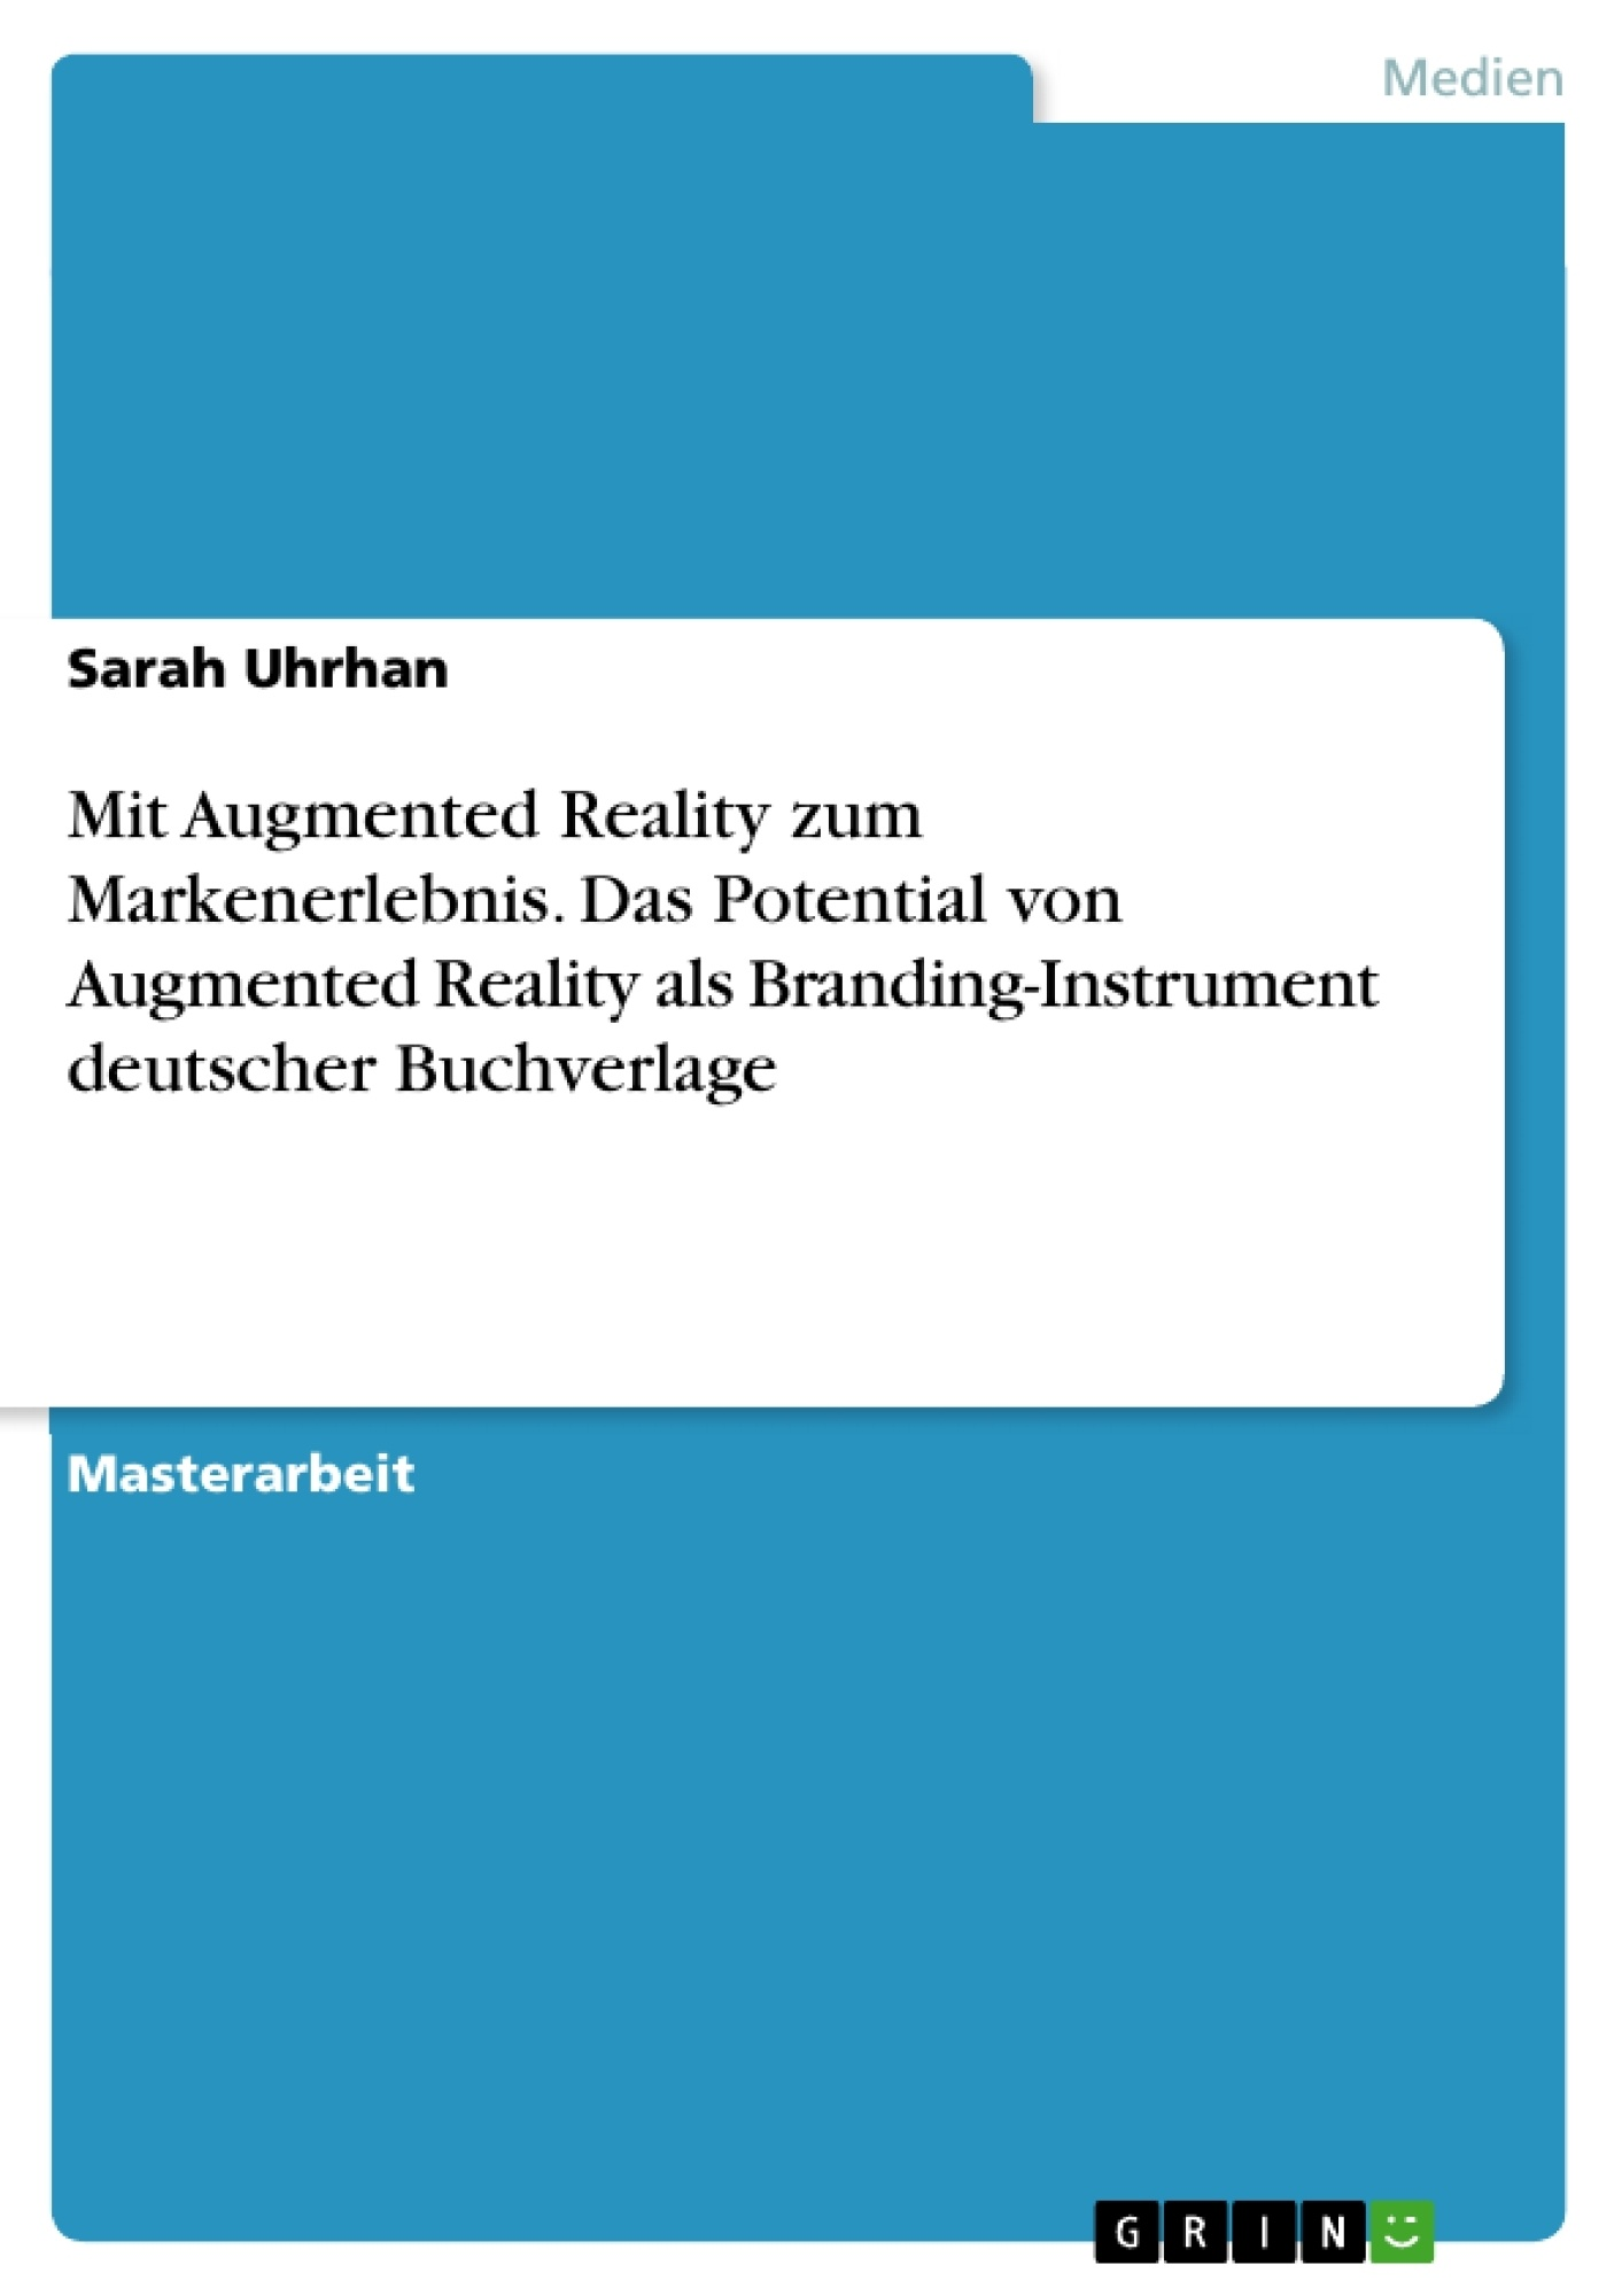 Titel: Mit Augmented Reality zum Markenerlebnis. Das Potential von Augmented Reality als Branding-Instrument deutscher Buchverlage